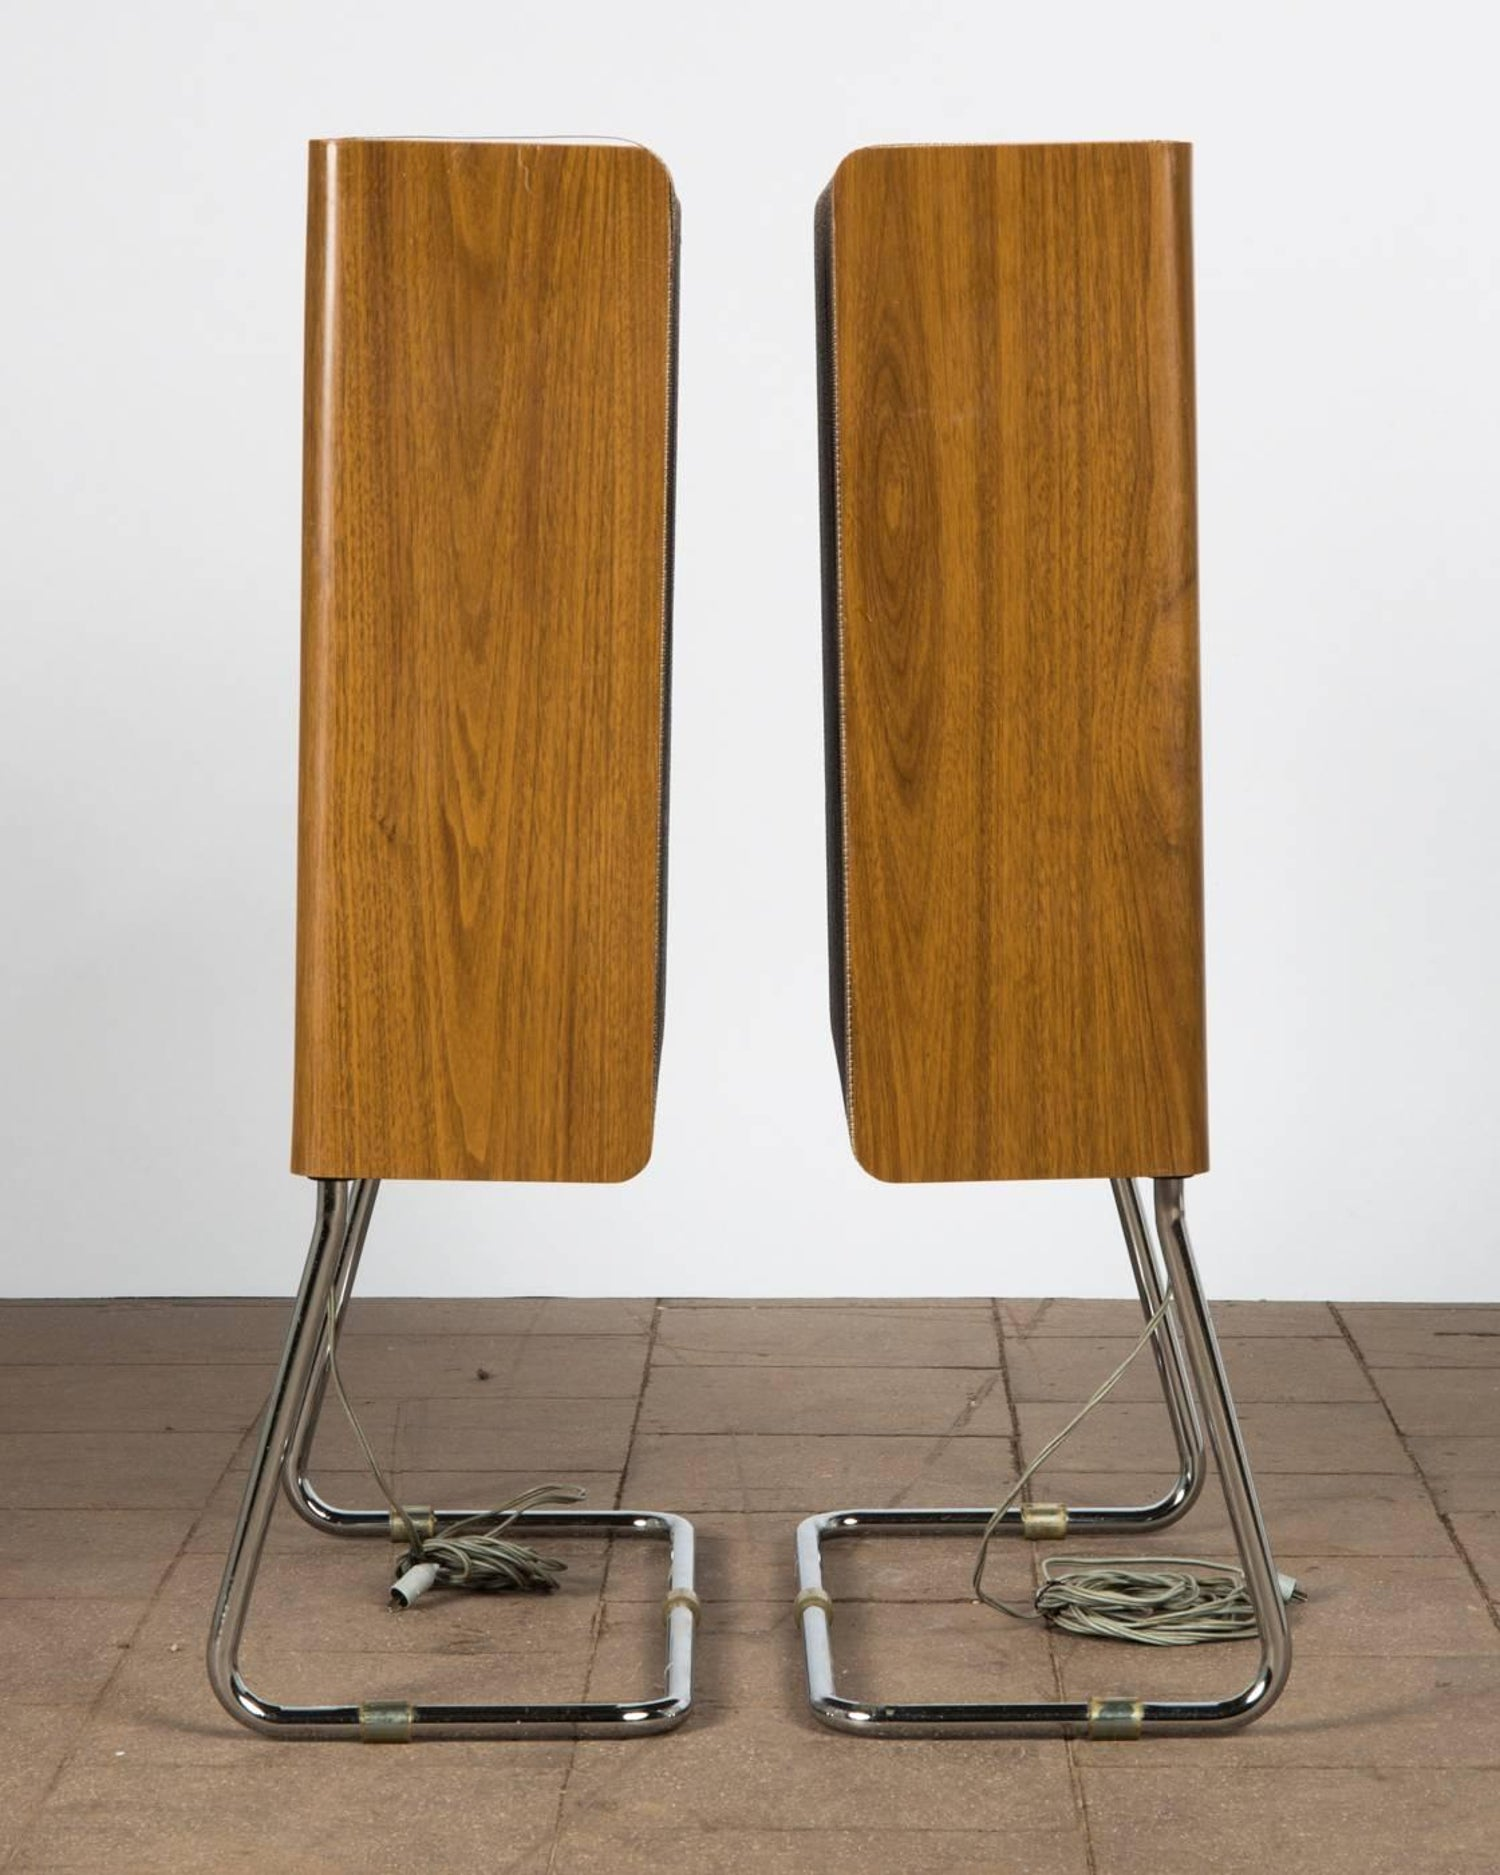 Vintage German Speakers from Telefunken, 1959